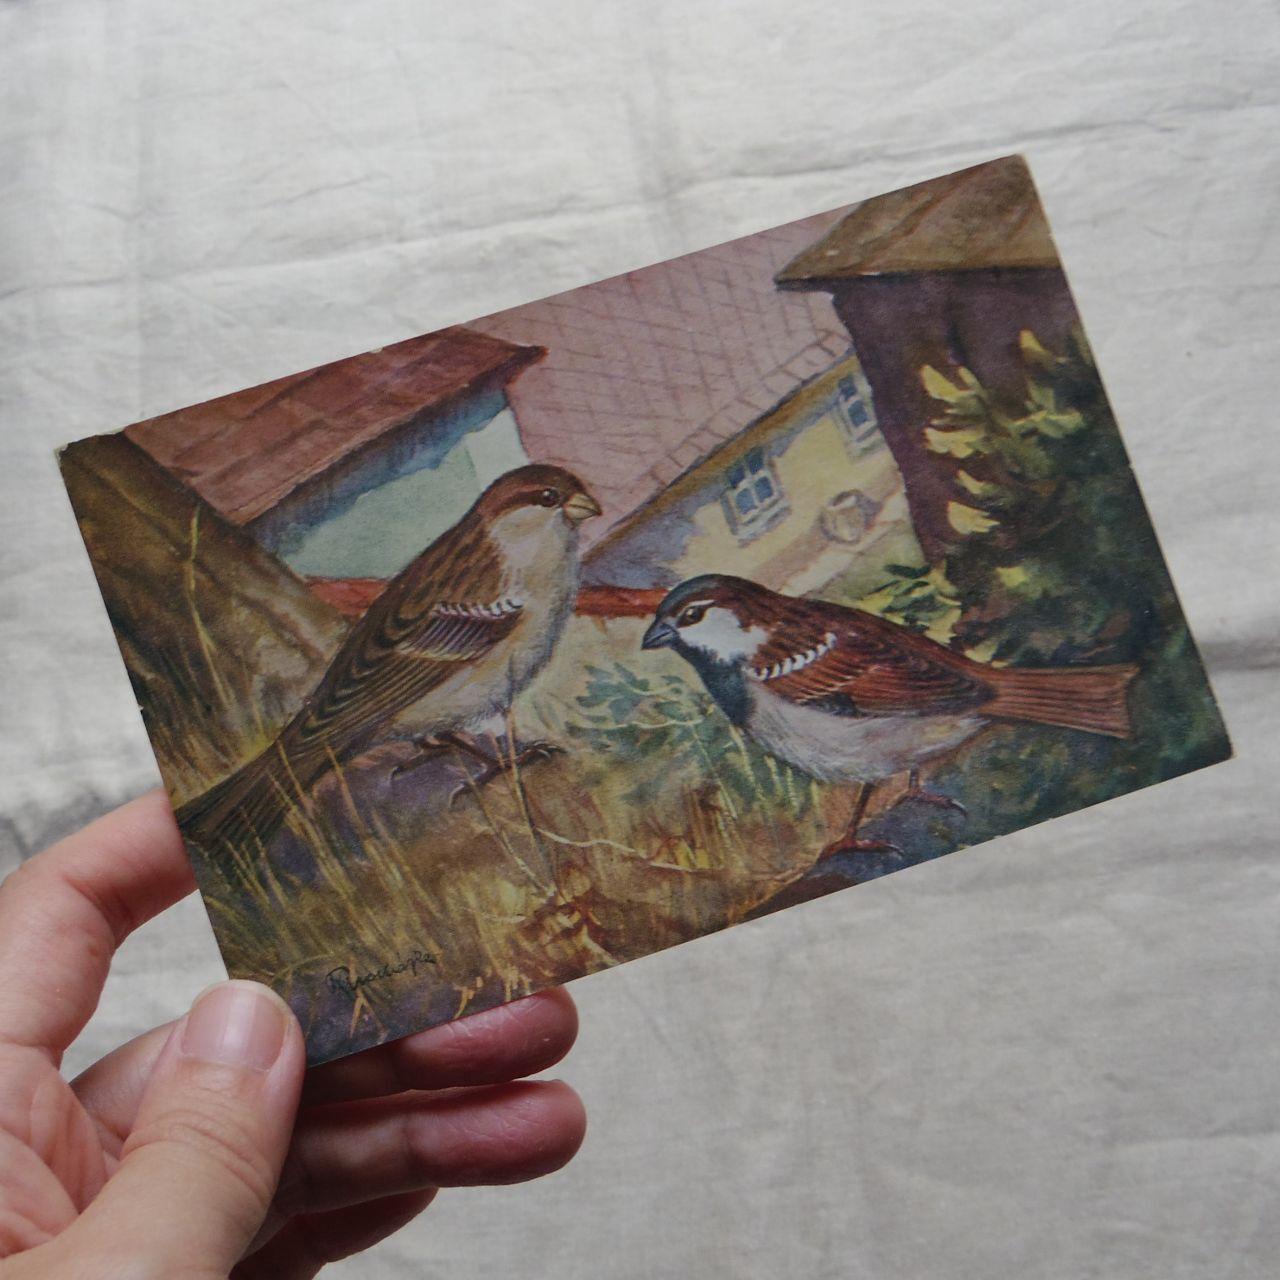 #エア蚤の市 鳥の絵のポストカード④